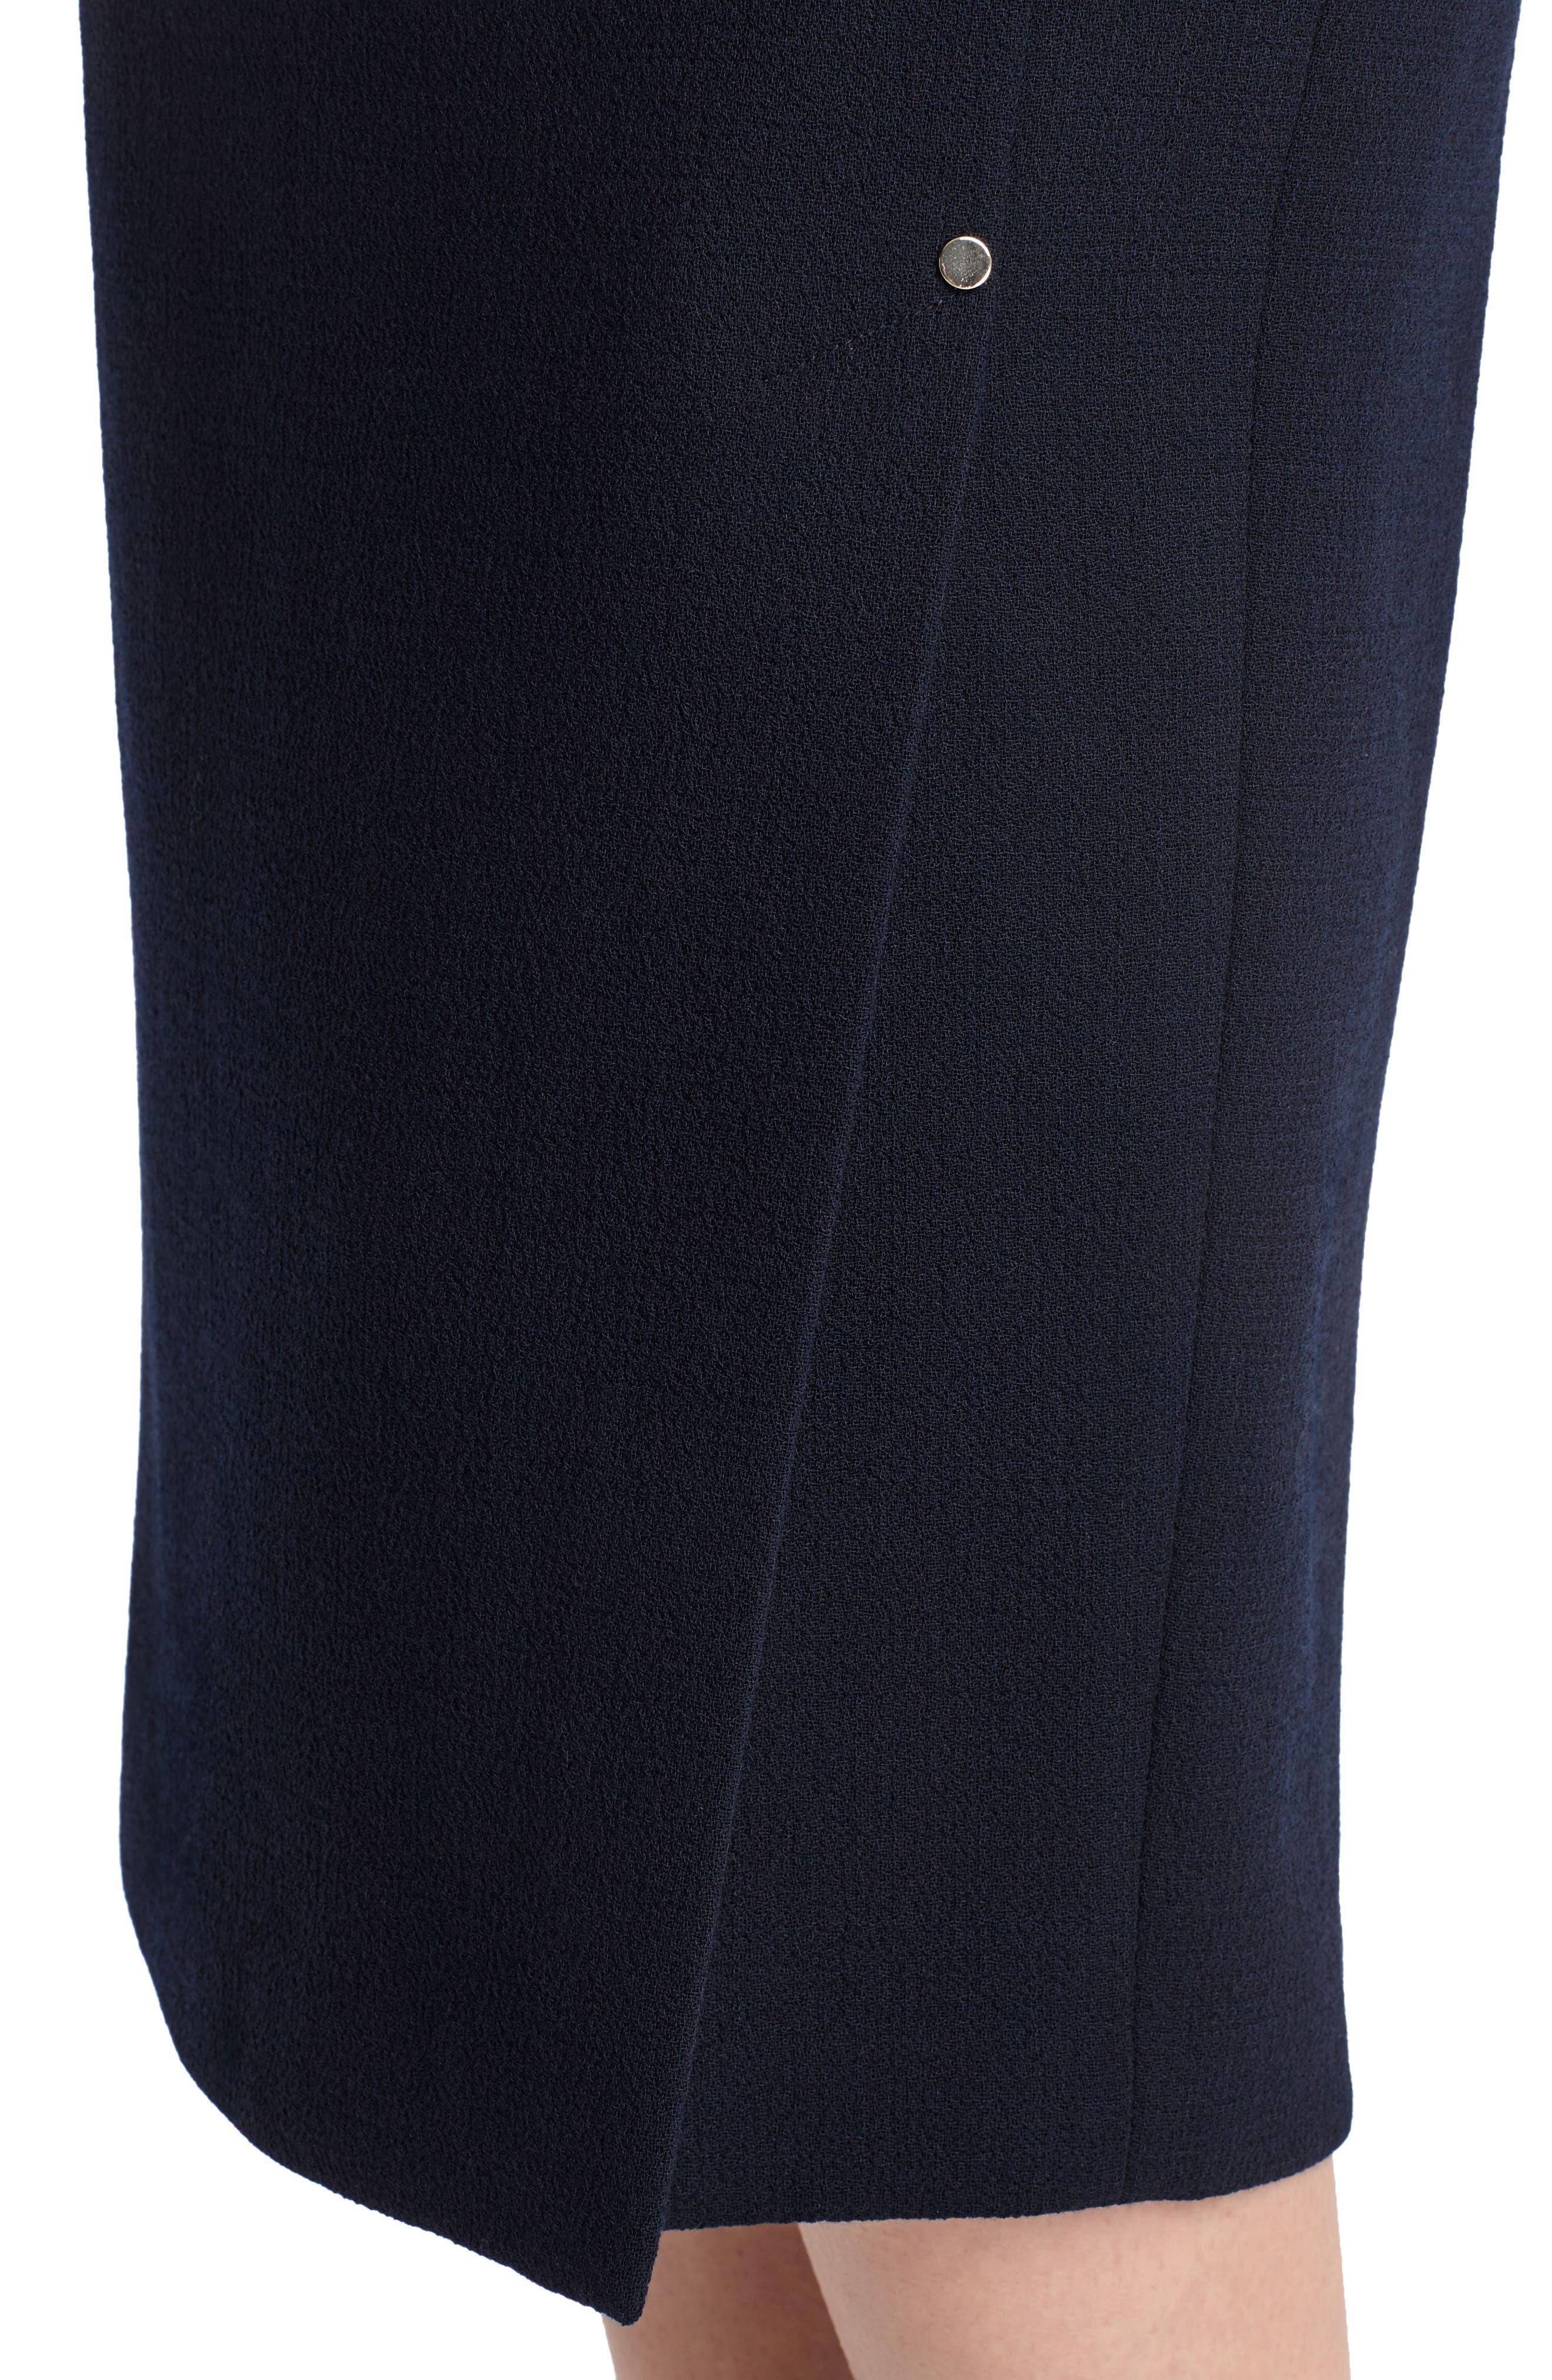 Lucina Nouveau Crepe Skirt,                             Alternate thumbnail 4, color,                             479